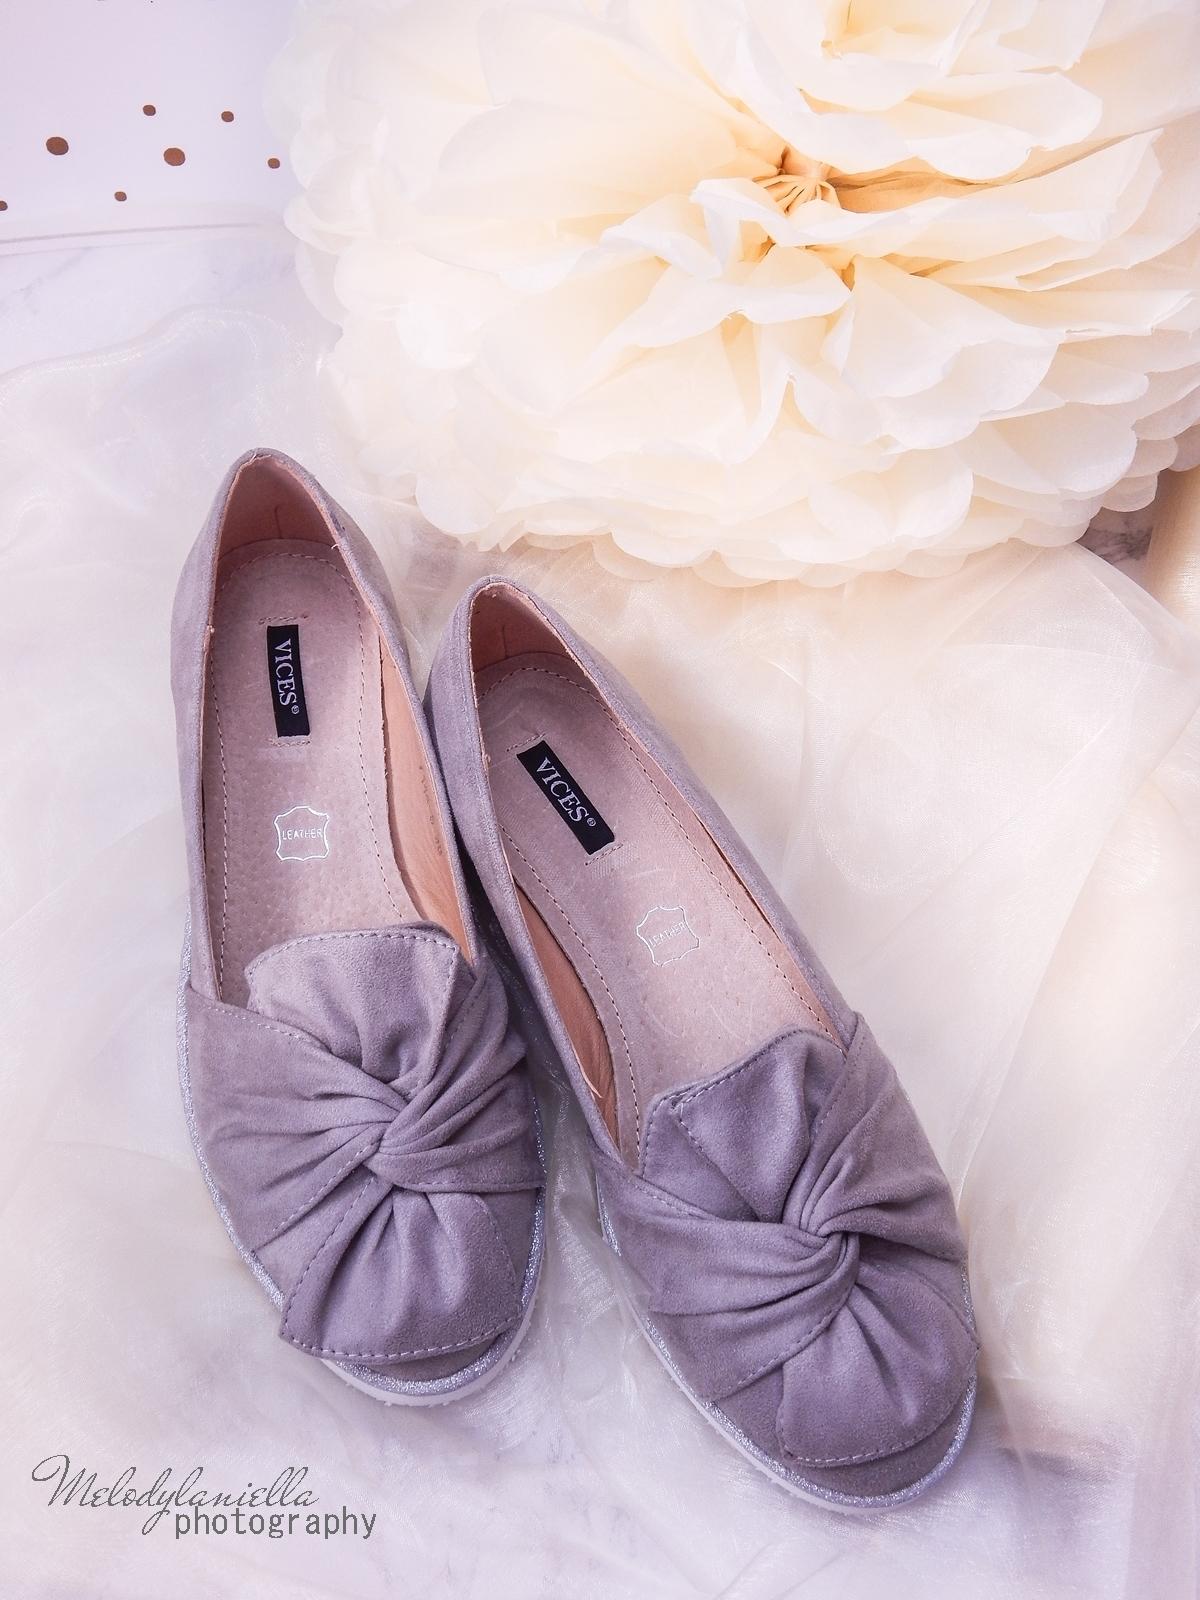 10 buty łuków baleriny tenisówki mokasyny sandały z ponopnami trzy modele butów modnych na lato melodylaniella recenzje buty coca-cola szare półbuty z kokardą buty na wesele buty do sukienki moda